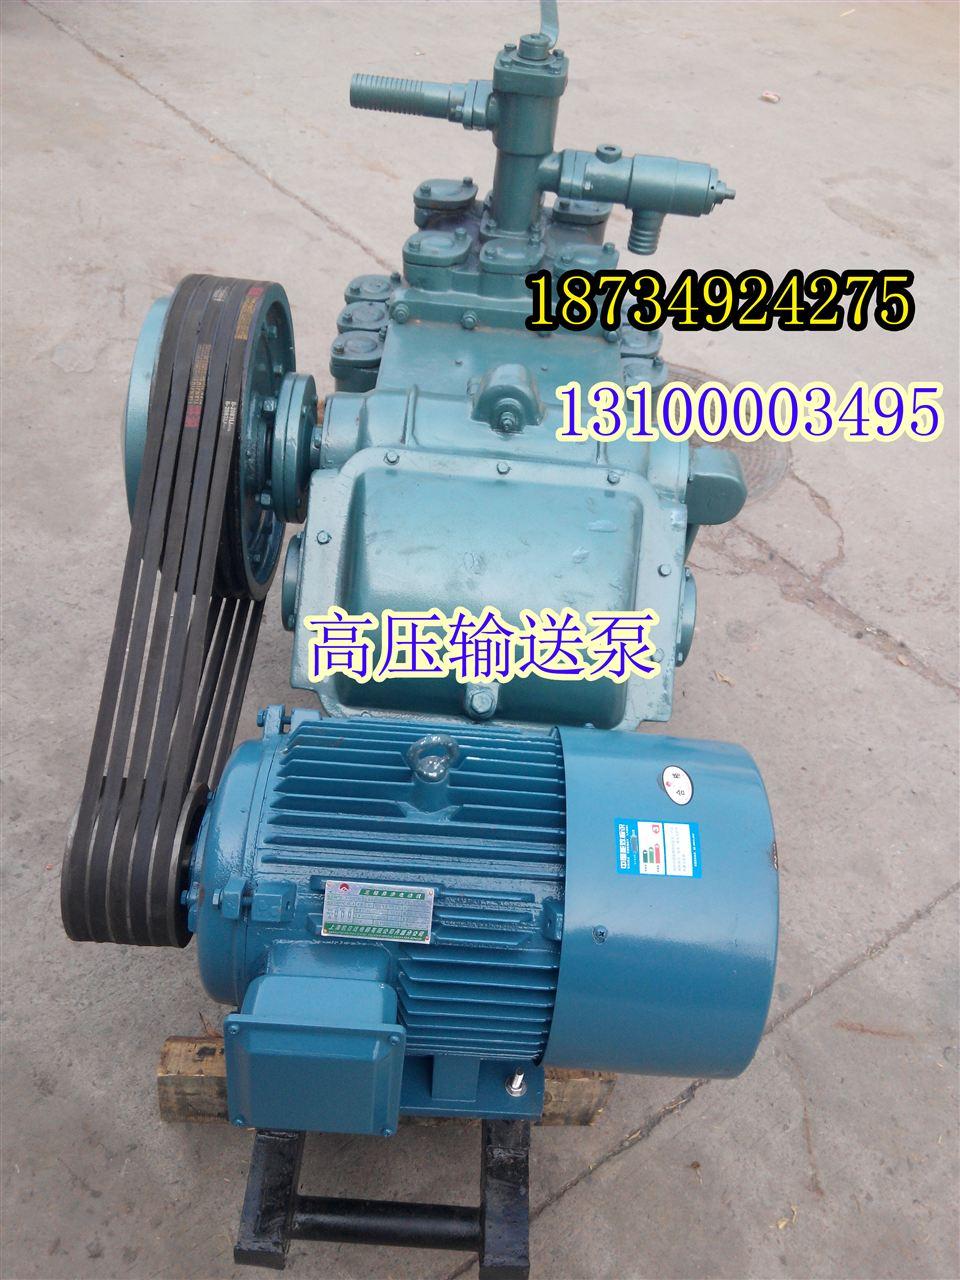 往复泵按推动液体运动元件的结构,分为活塞泵和柱塞泵;按活塞往复运动